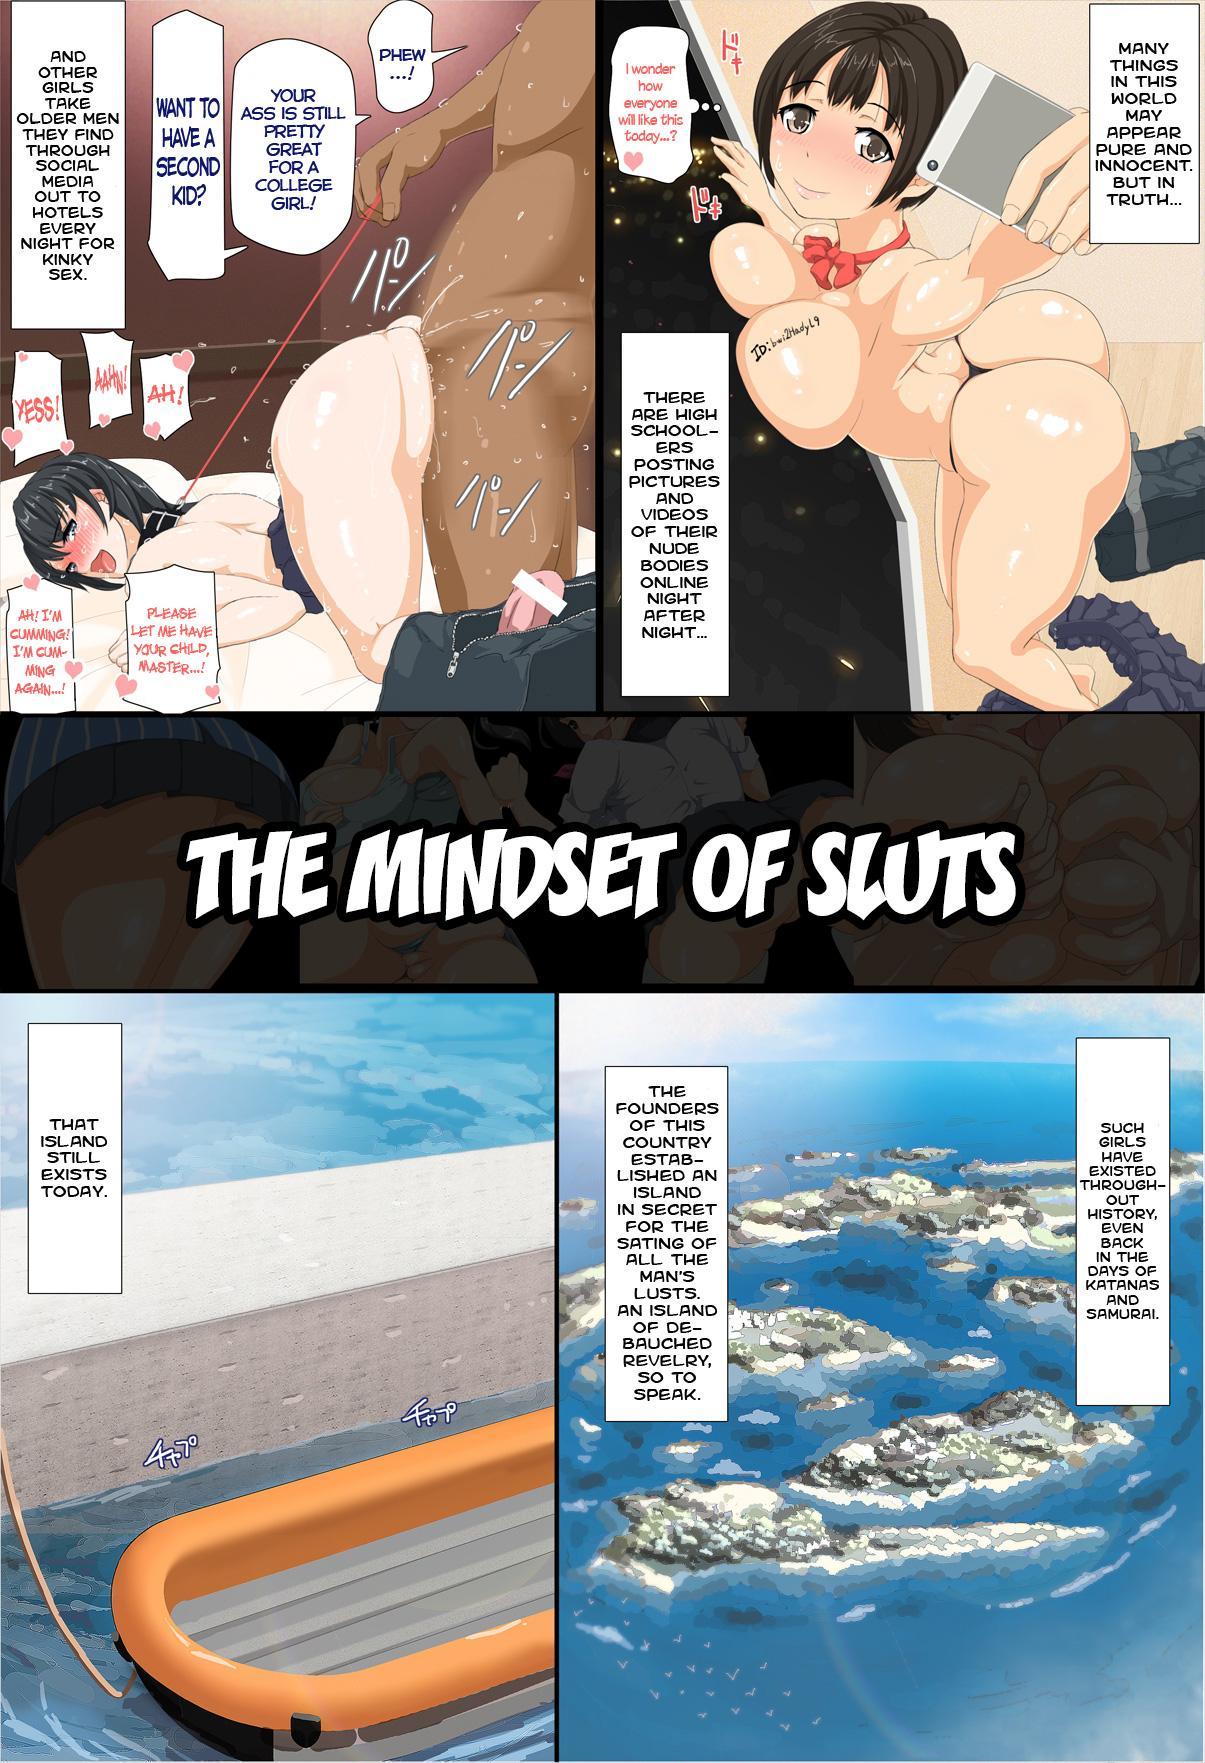 Kiniitta Chitsu ni Ikinari Nakadashi OK na Resort Shima 3 | Resort Island of Women Who Love It When You Cum Inside Them 3 1